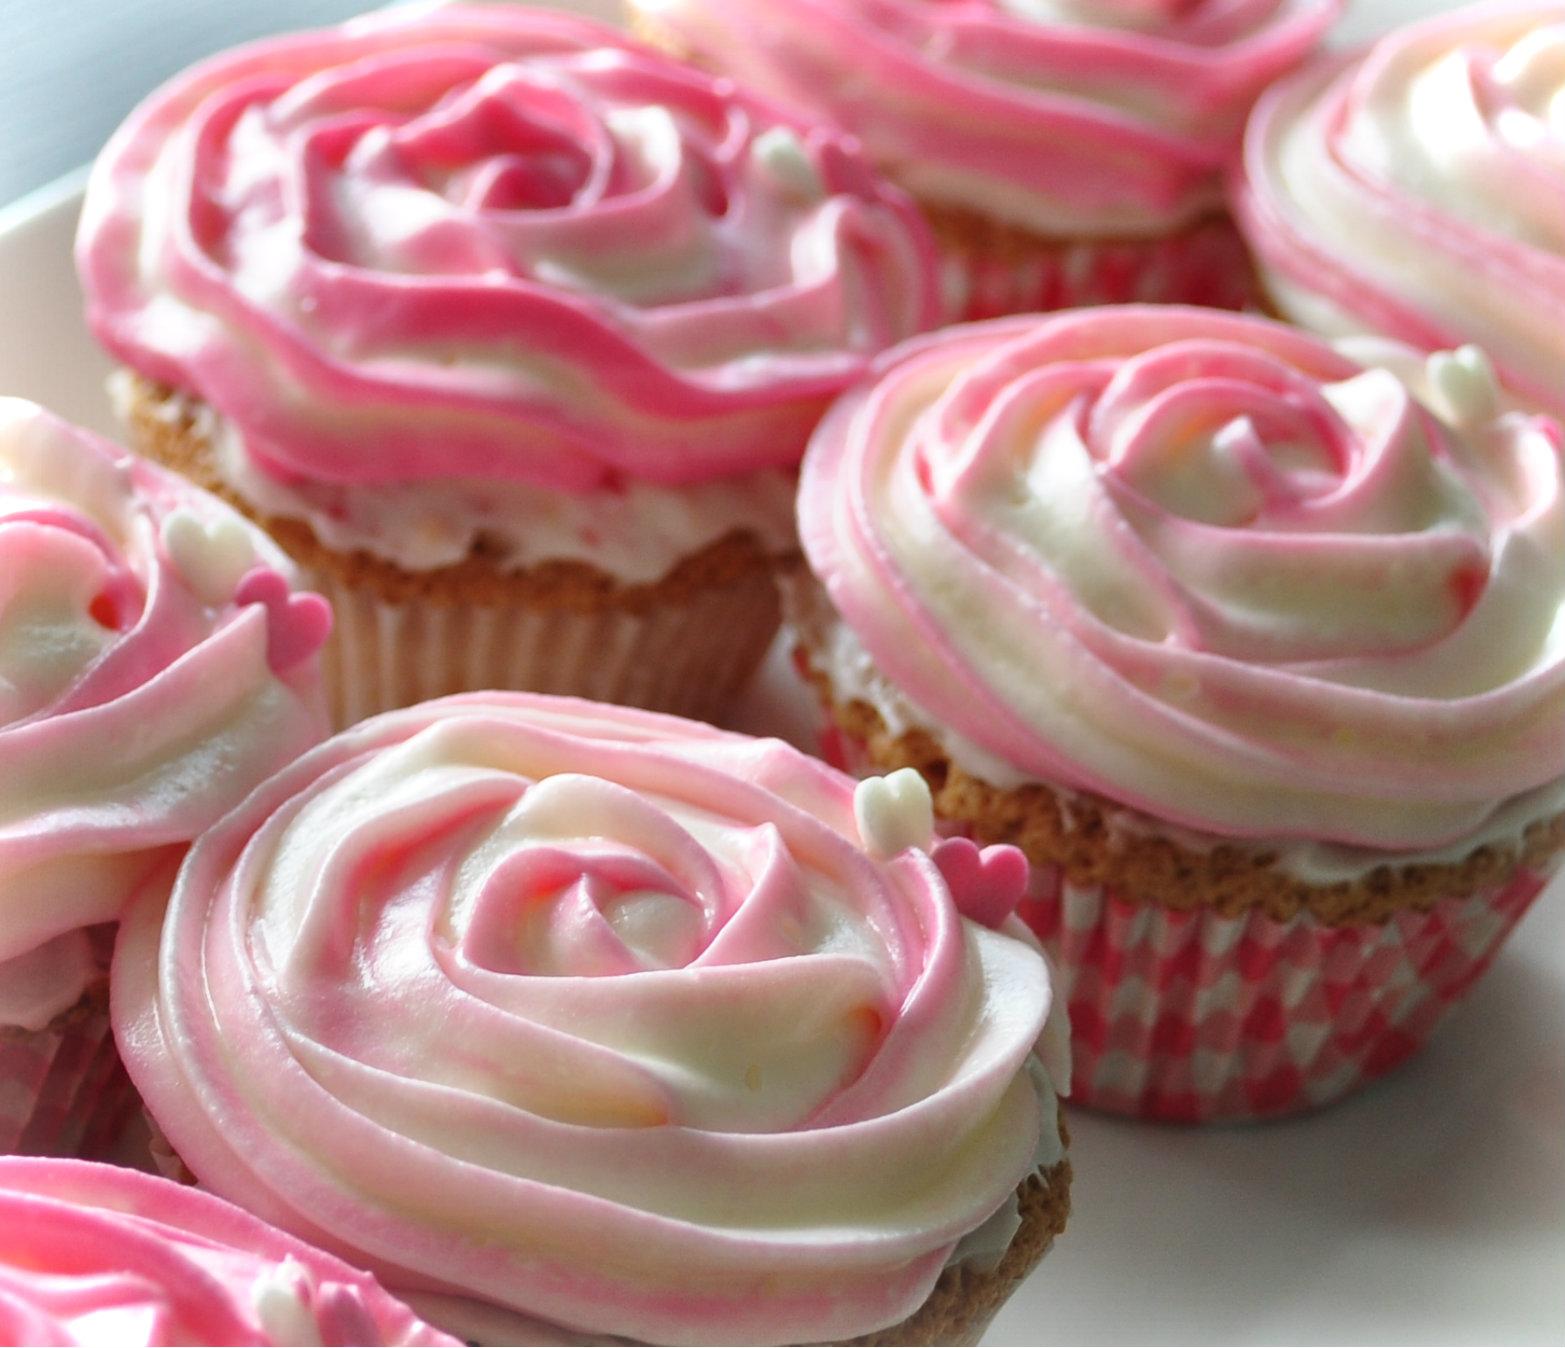 Az car y Mantequilla Cupcakes con frosting de Queso crema